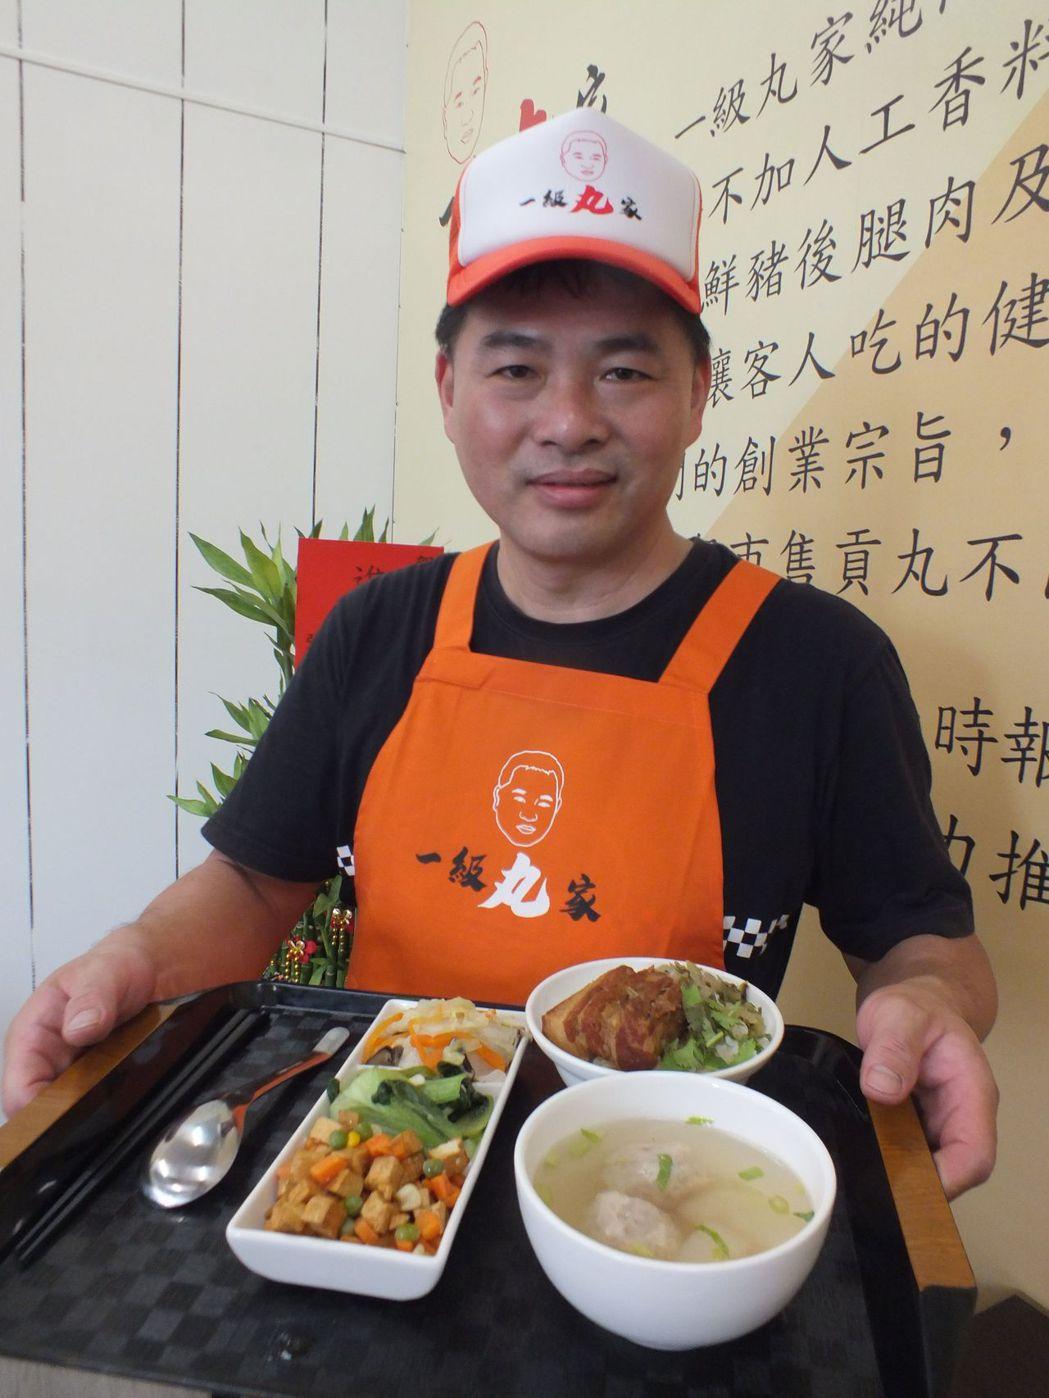 50歲張俊隆創立「一級丸家」純肉手工貢丸品牌,本月中旬在台中市烏日區中華路開設實...